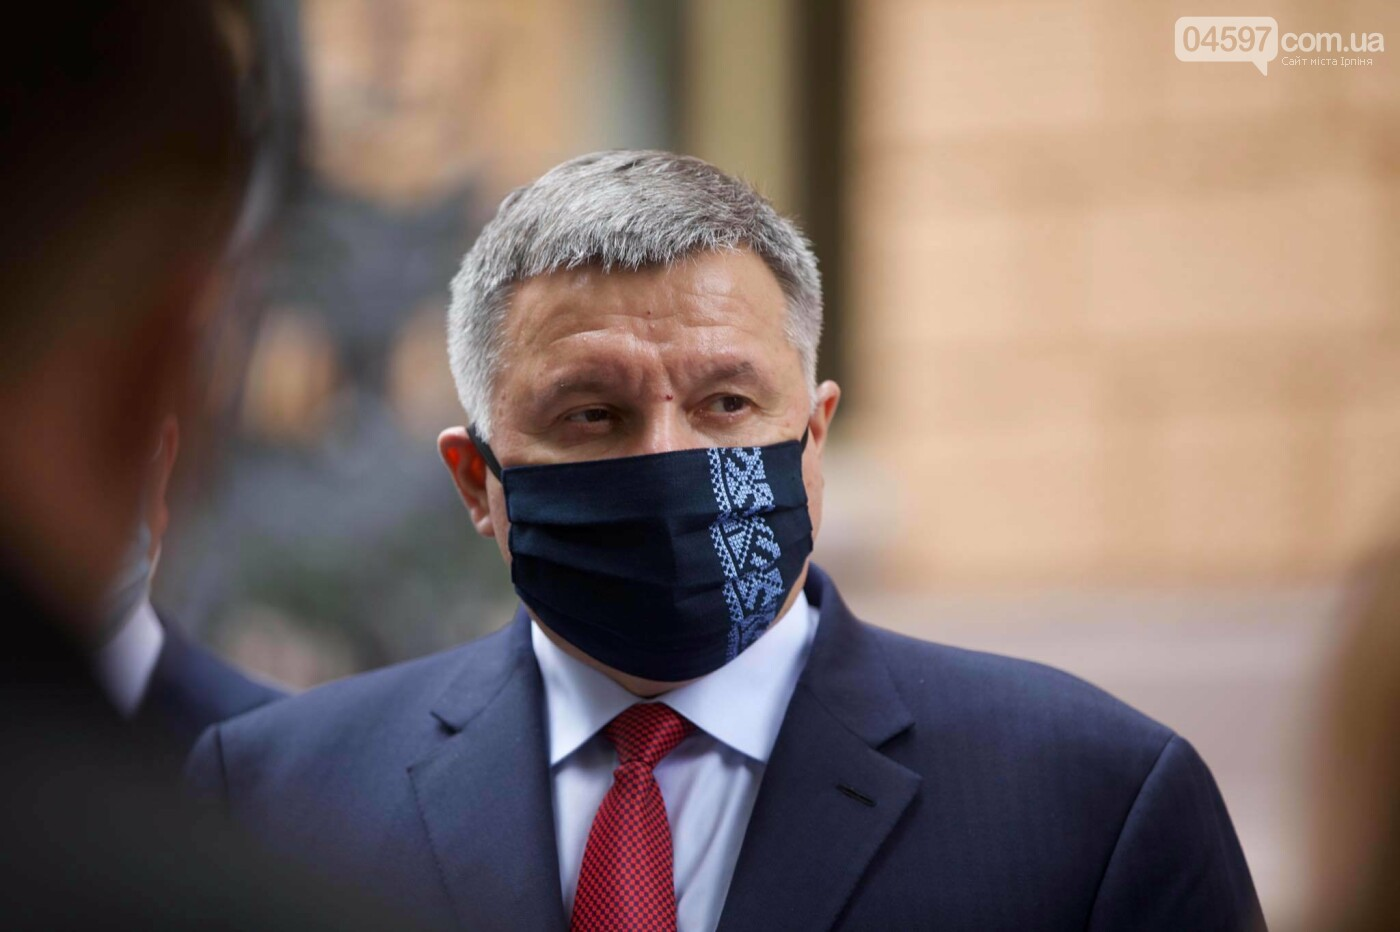 В Україні треба негайно ввести повний локдаун на 3-4 тижні - Аваков, фото-1